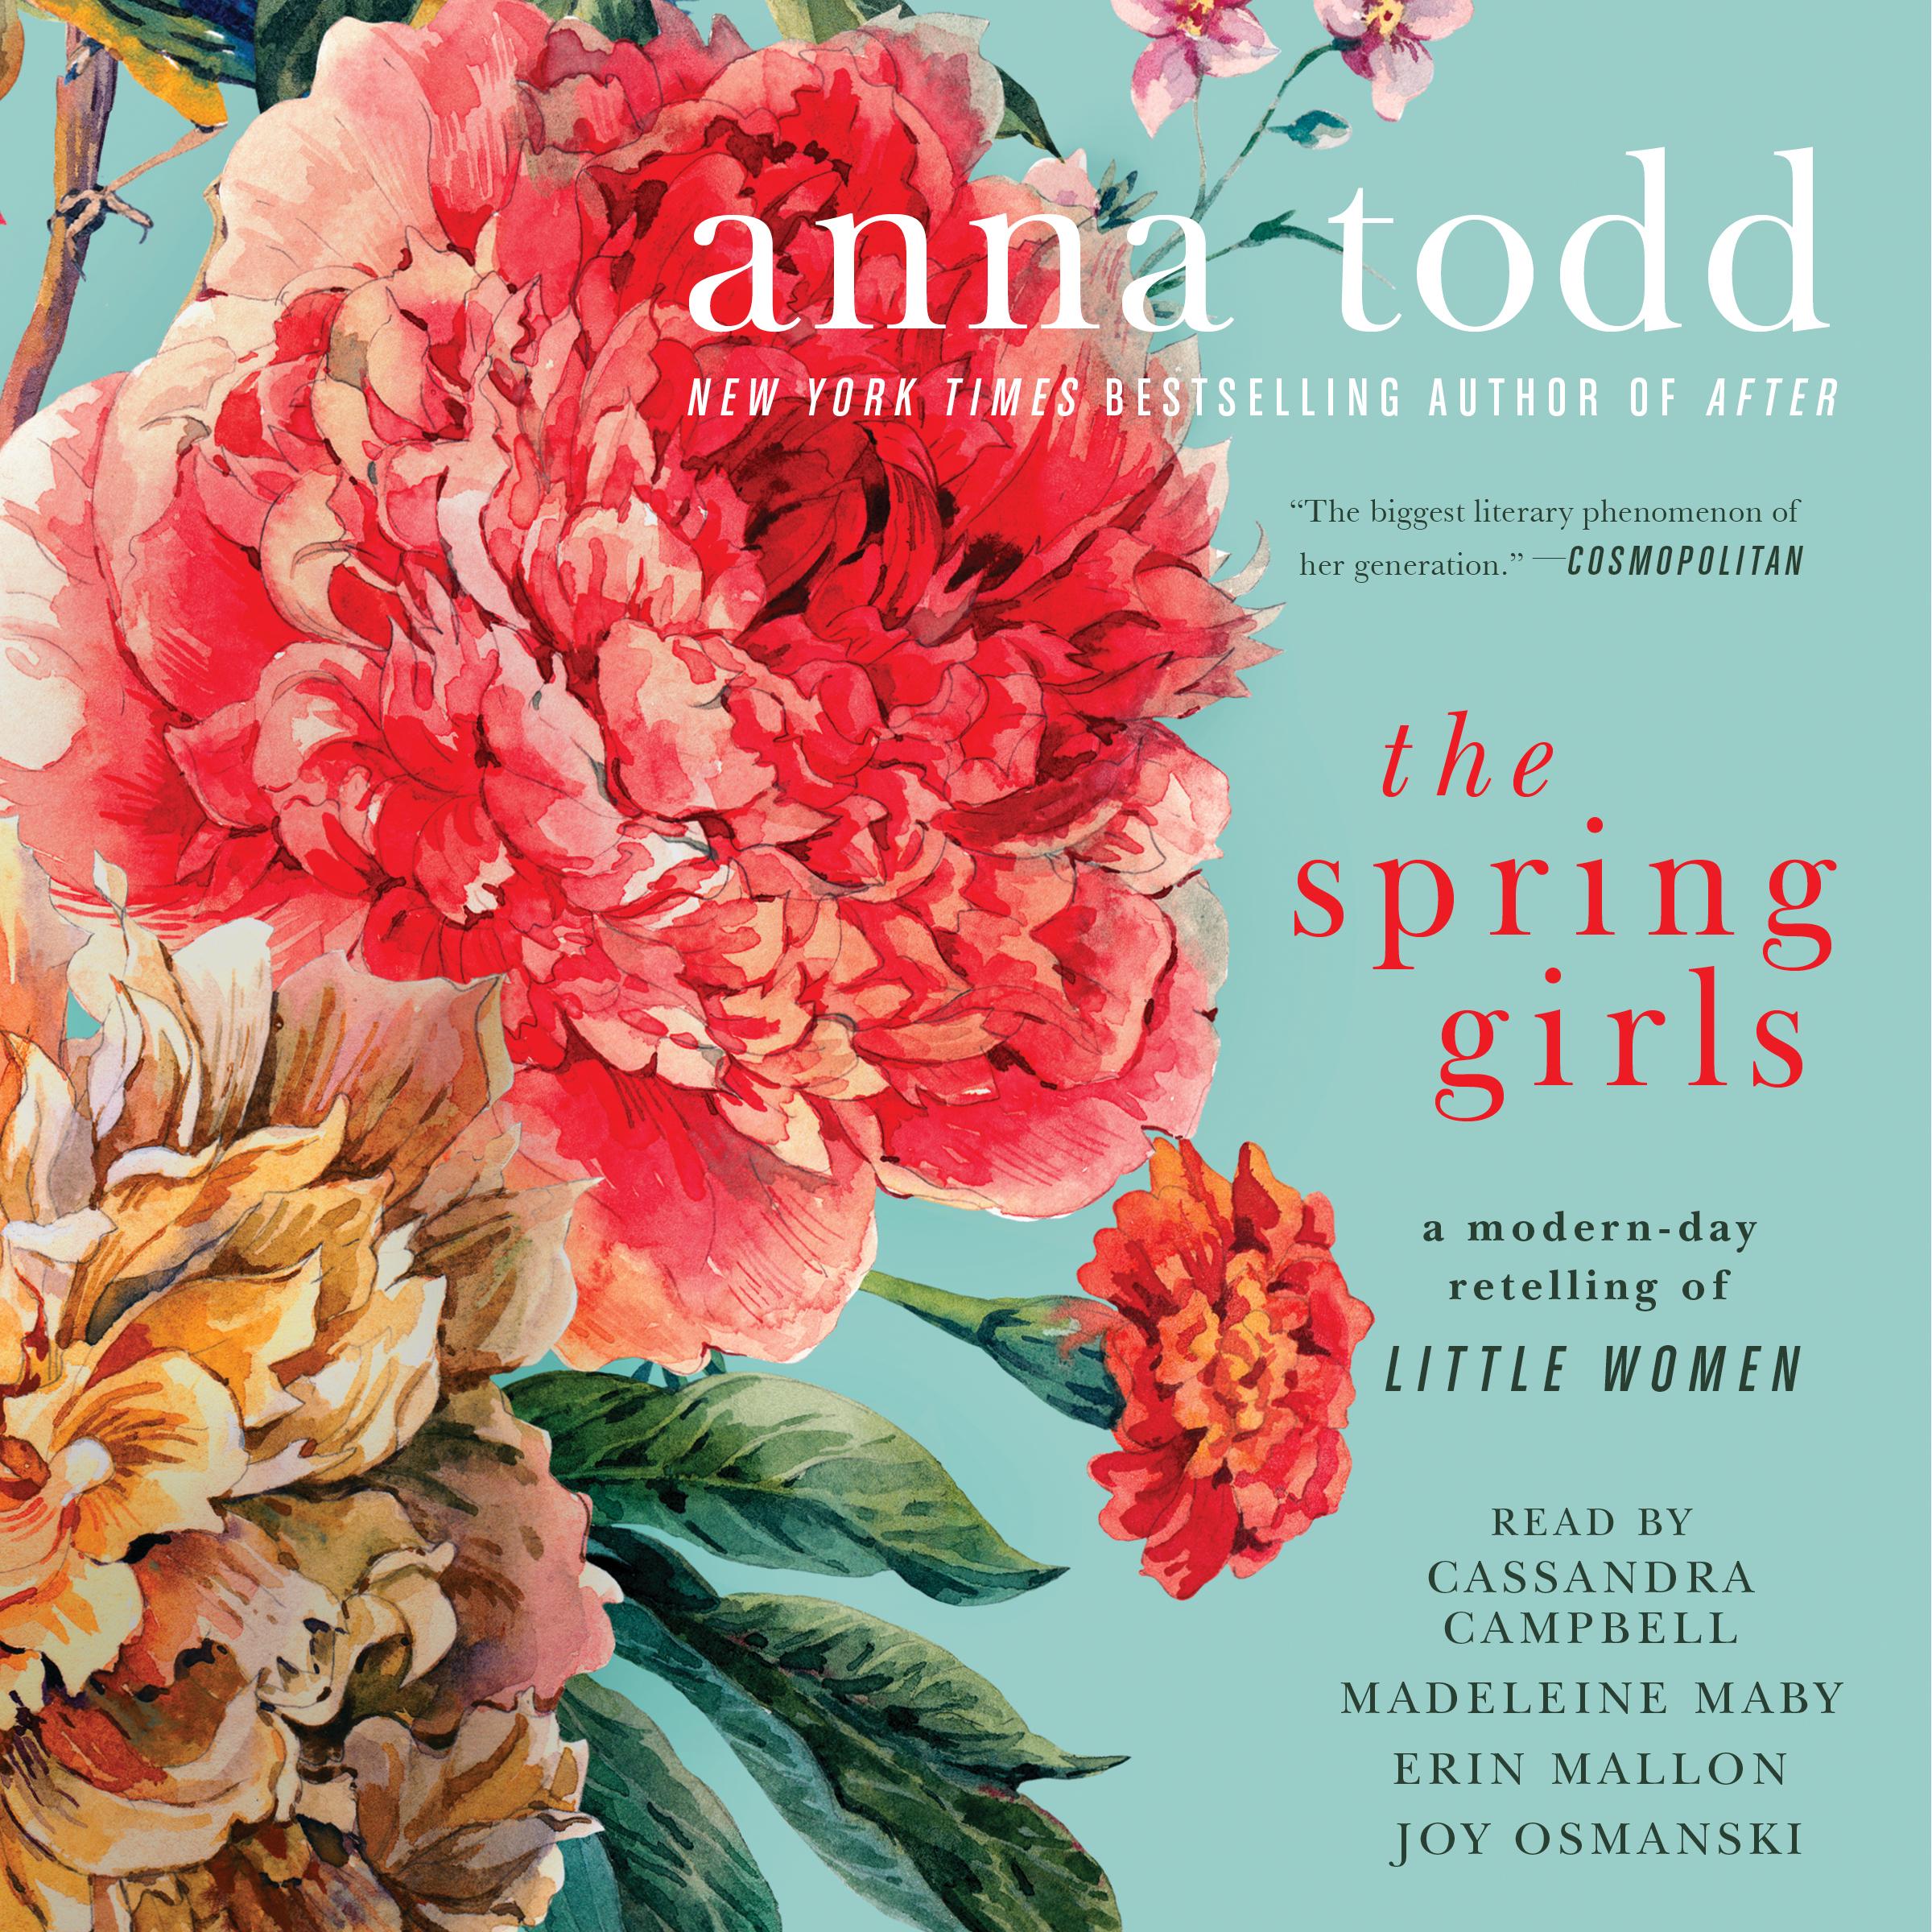 The spring girls 9781508227724 hr